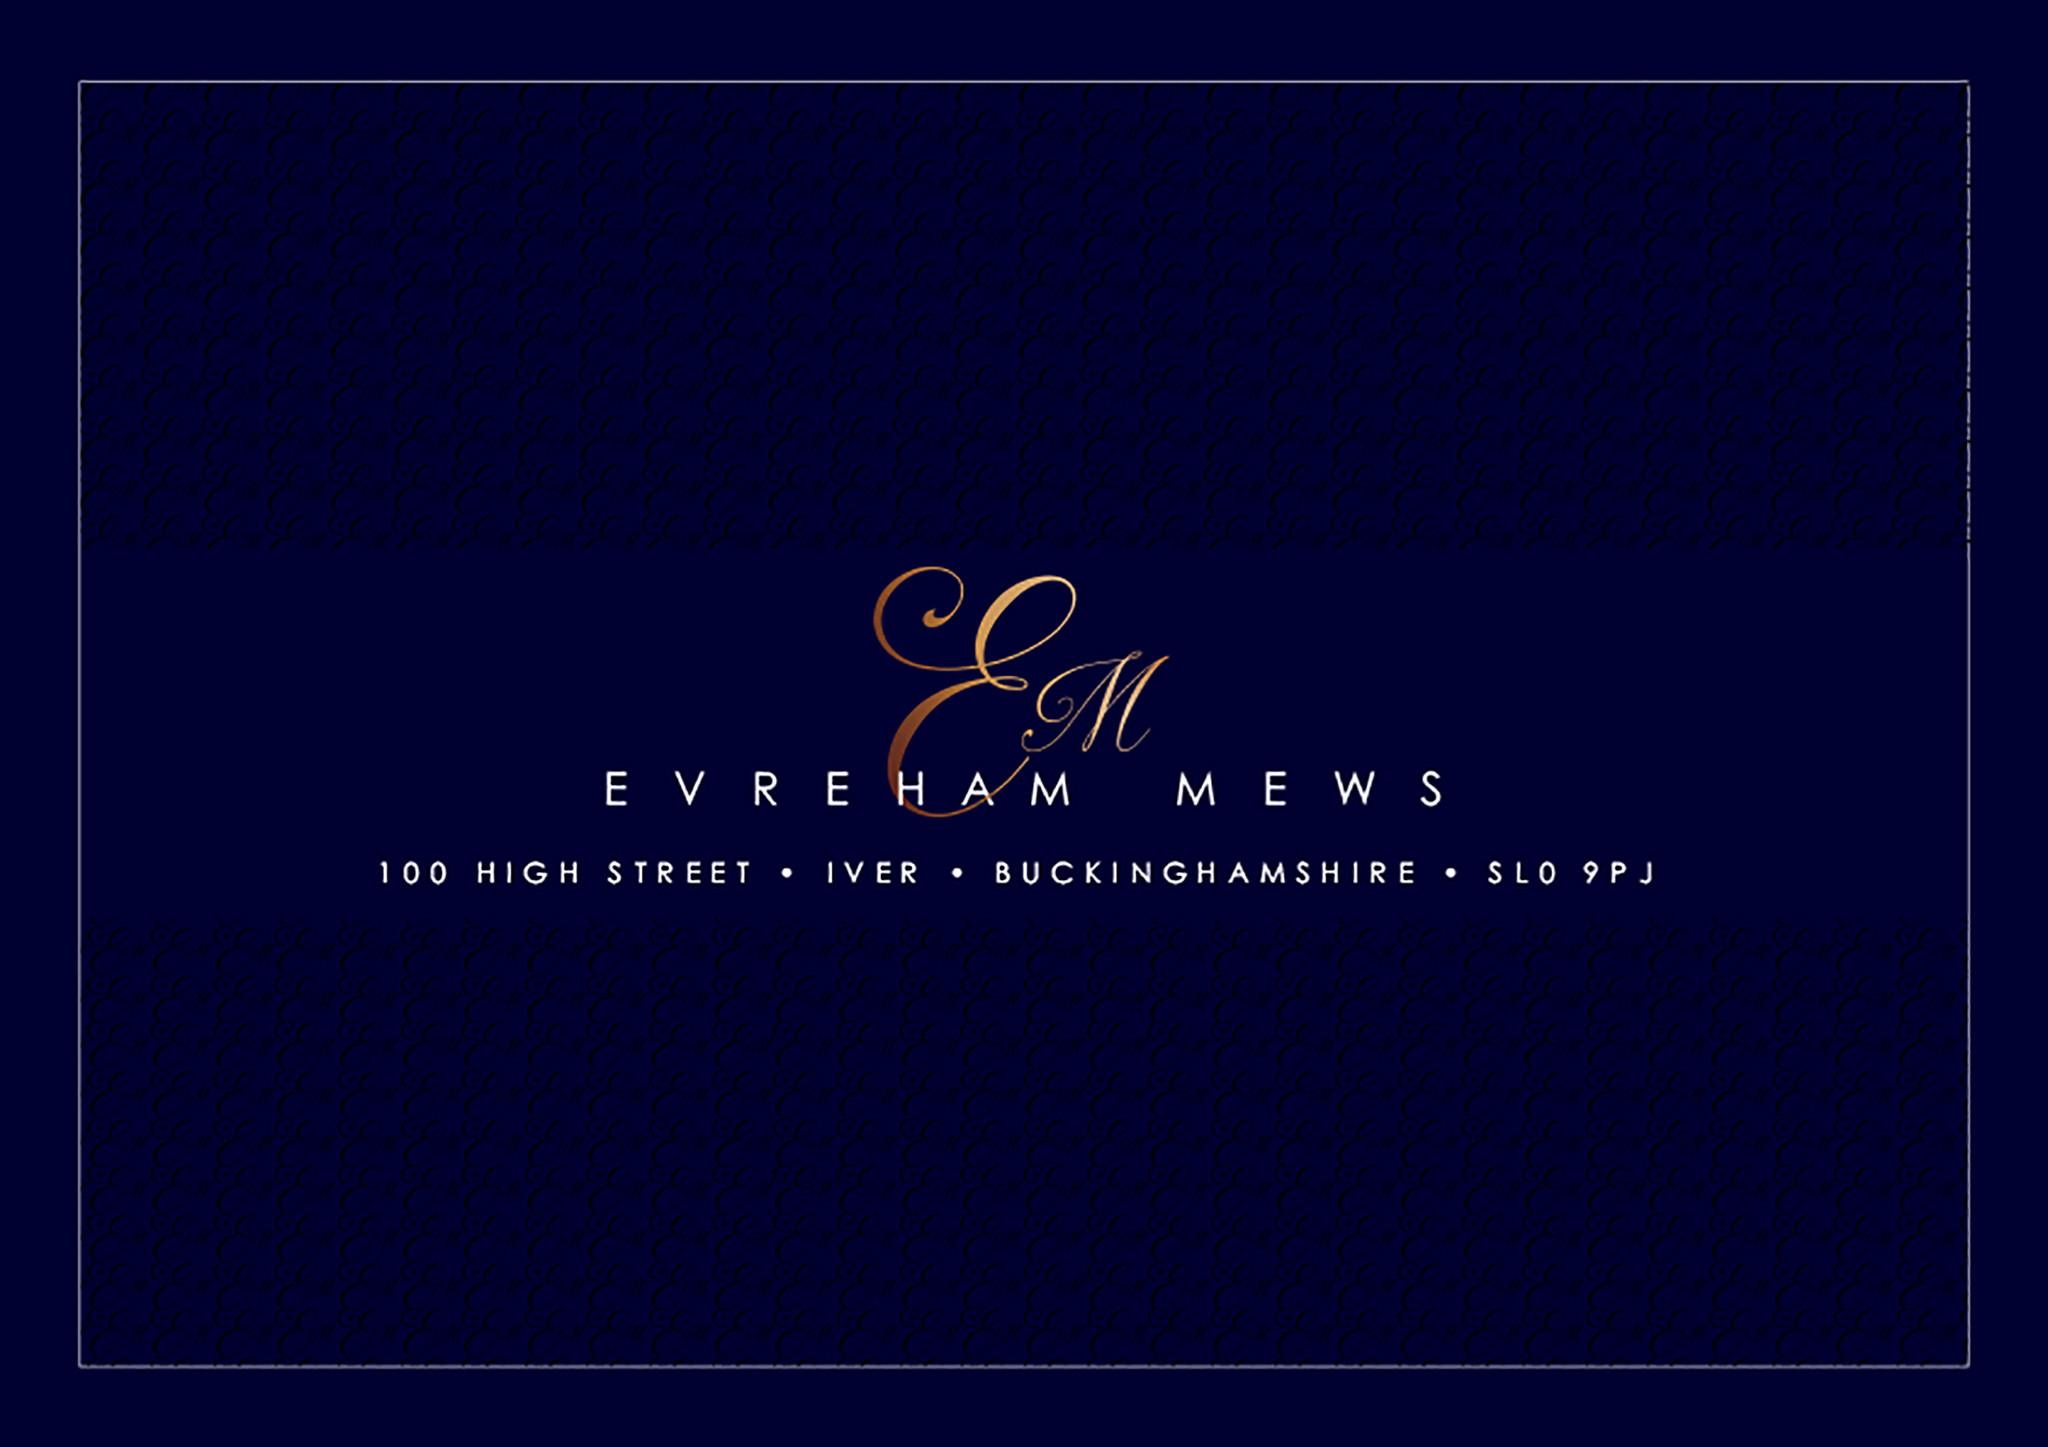 Evreham Mews